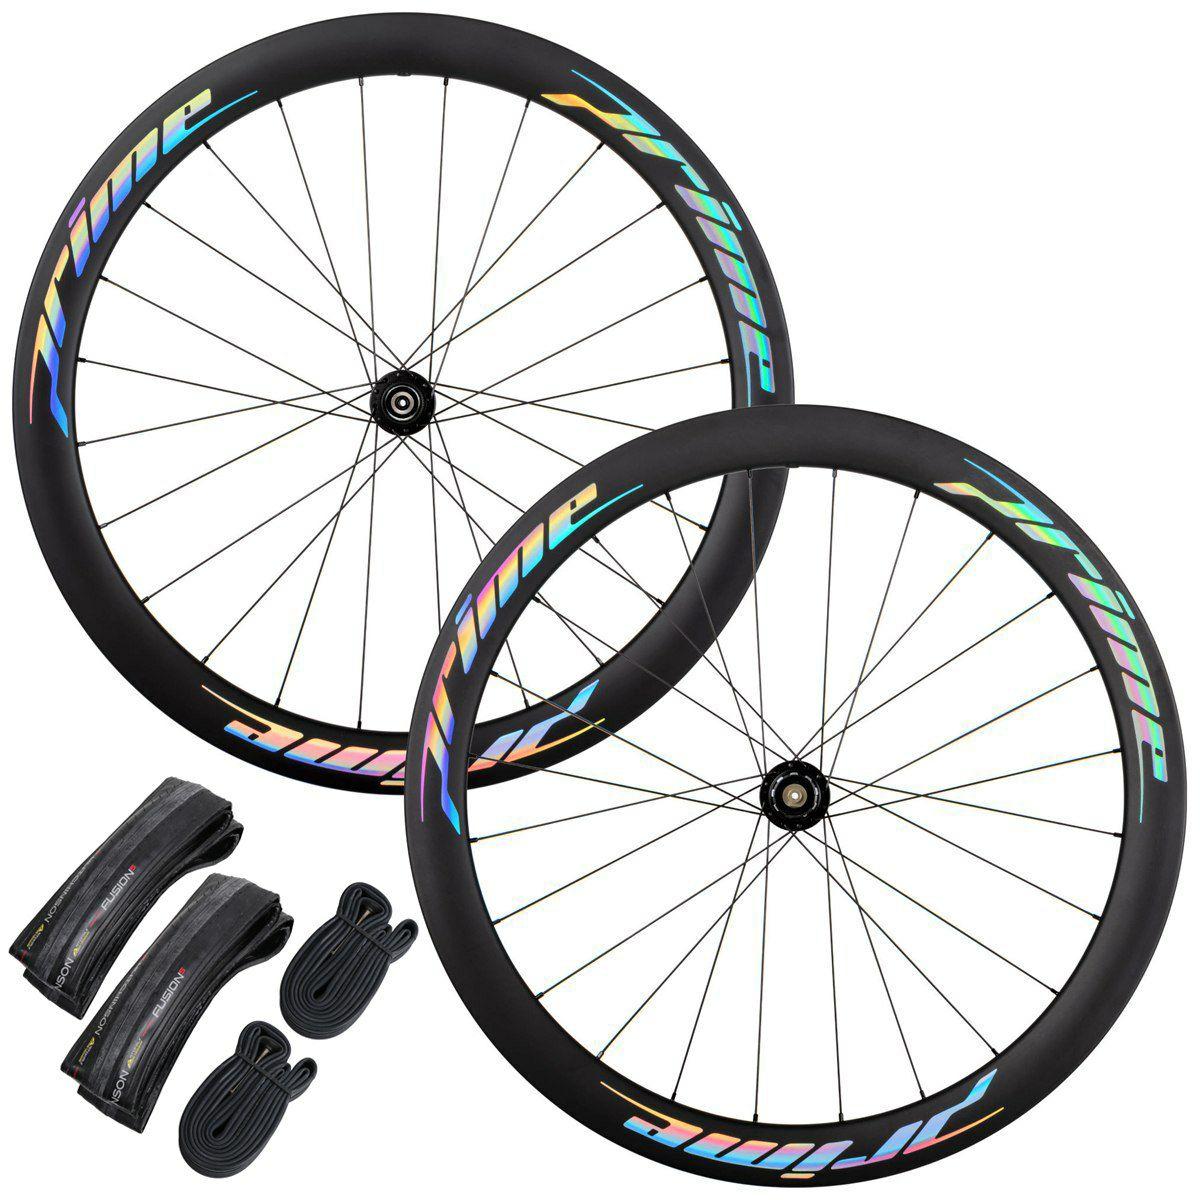 Prime RR-50 SE Carbon Disc Laufradsatz - Centerlock Inkl. Hutchinson Fusion 5 Reifen und Schläuchen